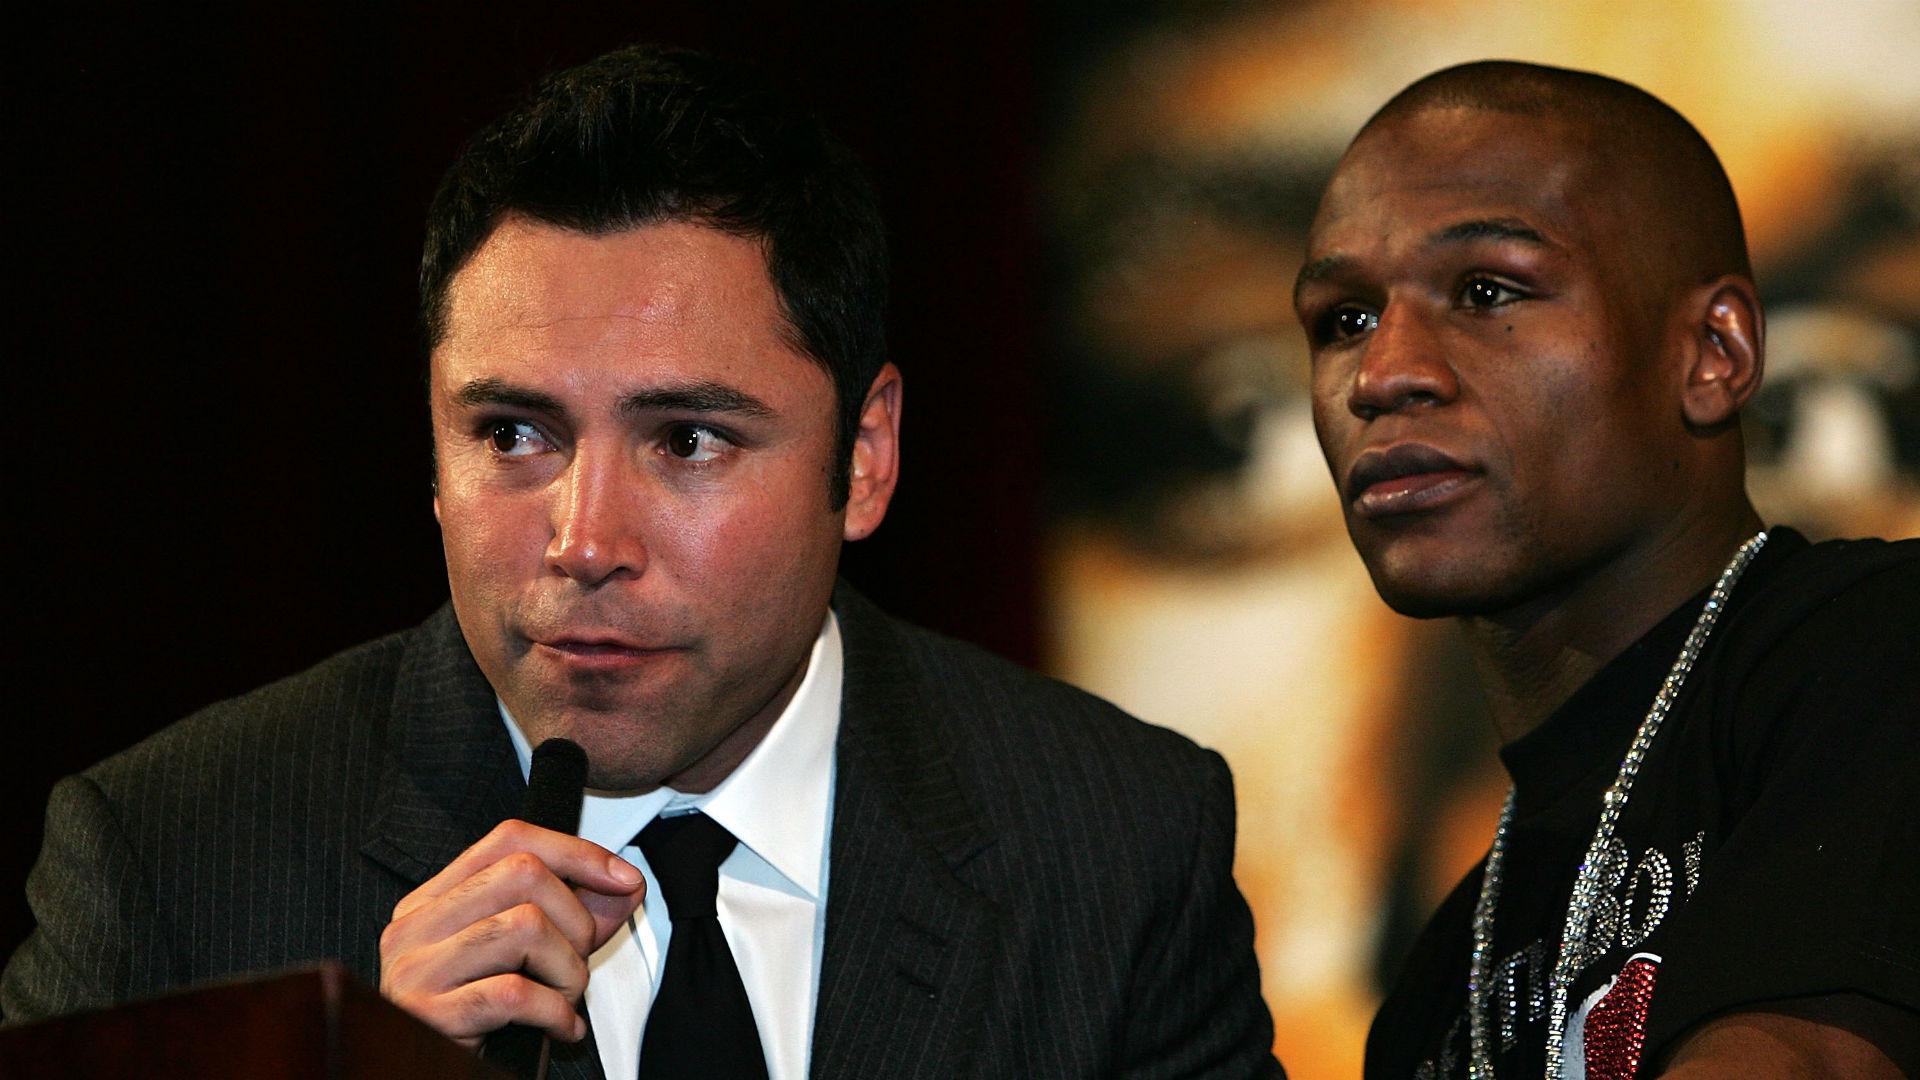 Oscar De La Hoya pens scathing open letter to Floyd Mayweather